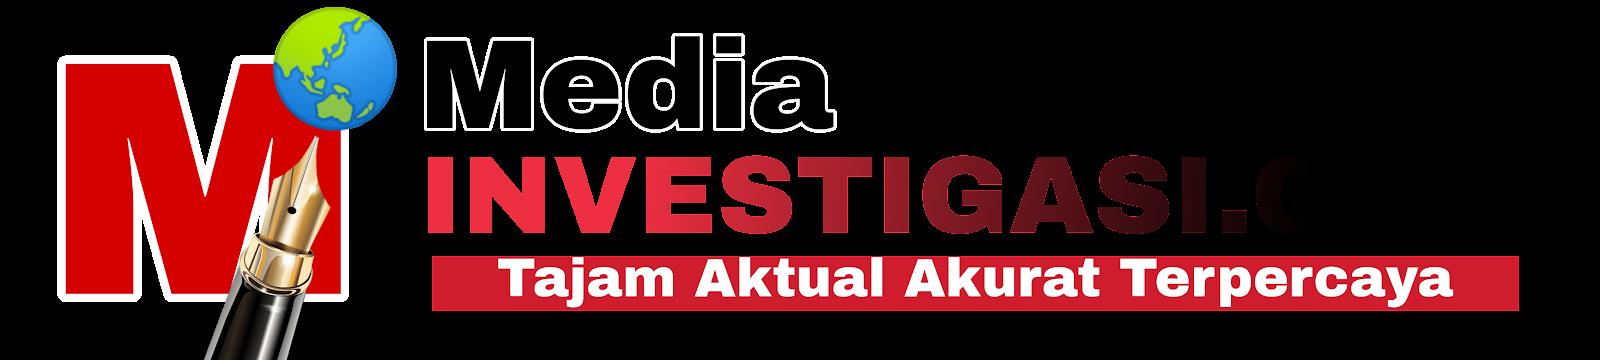 Media-INVESTIGASI.COM Copyright 2021